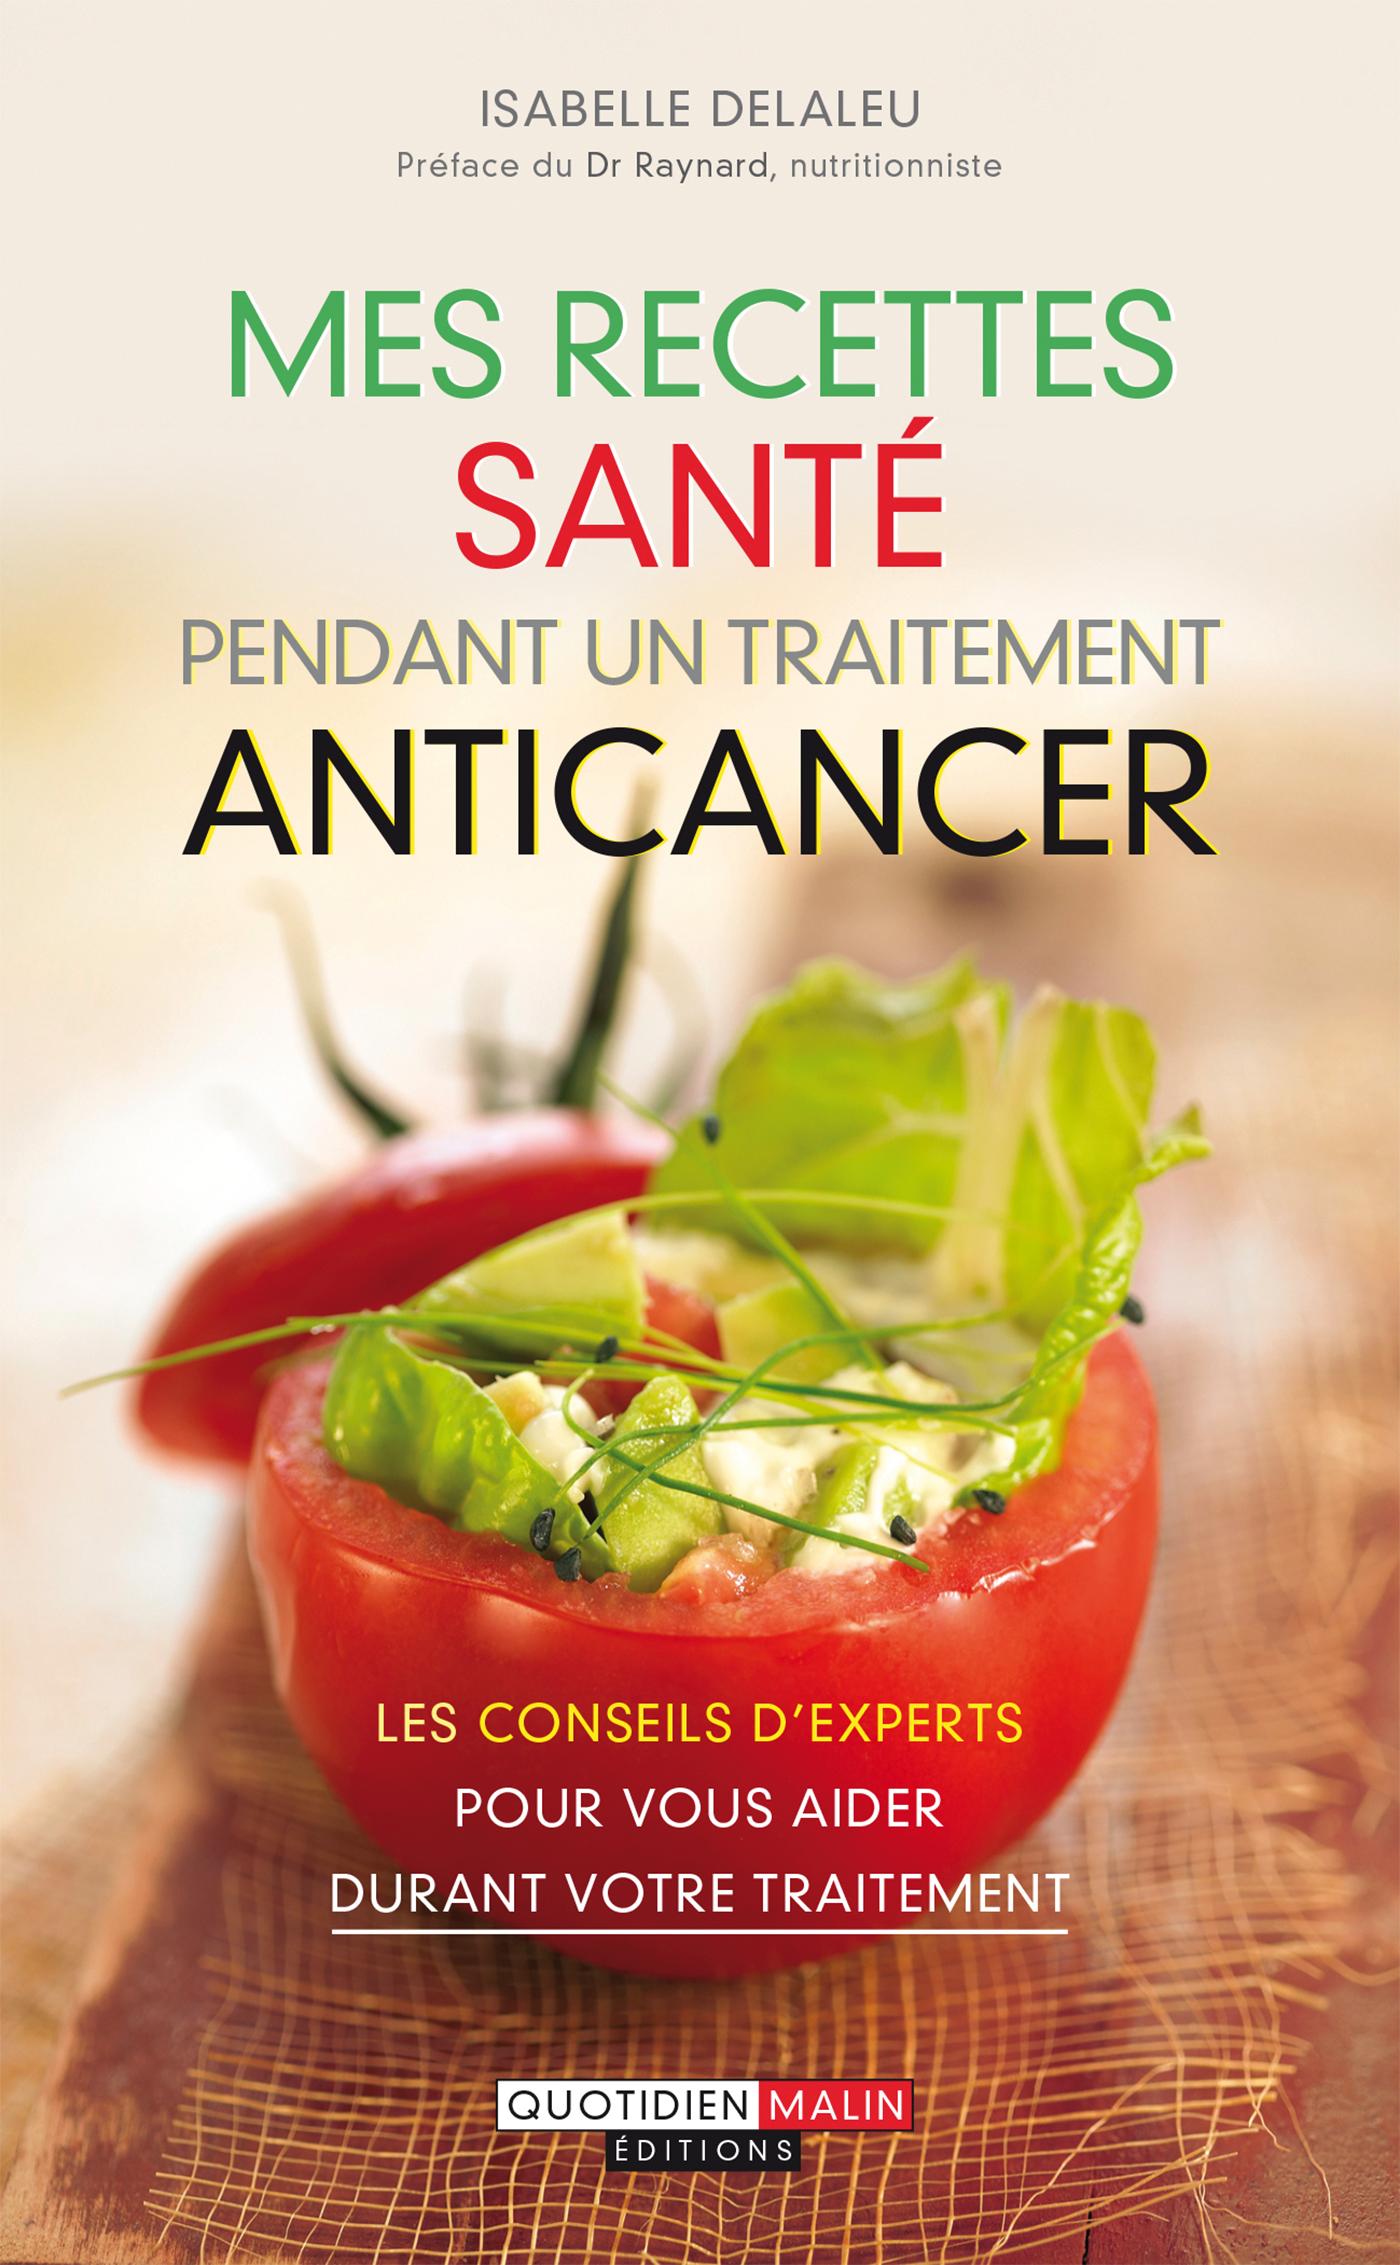 Mes recettes santé pendant un traitement anticancer - Les meilleurs conseils nutrition pour vous aider durant votre traitement - Isabelle Delaleu (EAN13 : 9782848997544), Editions Leduc.s : online printed and digital books